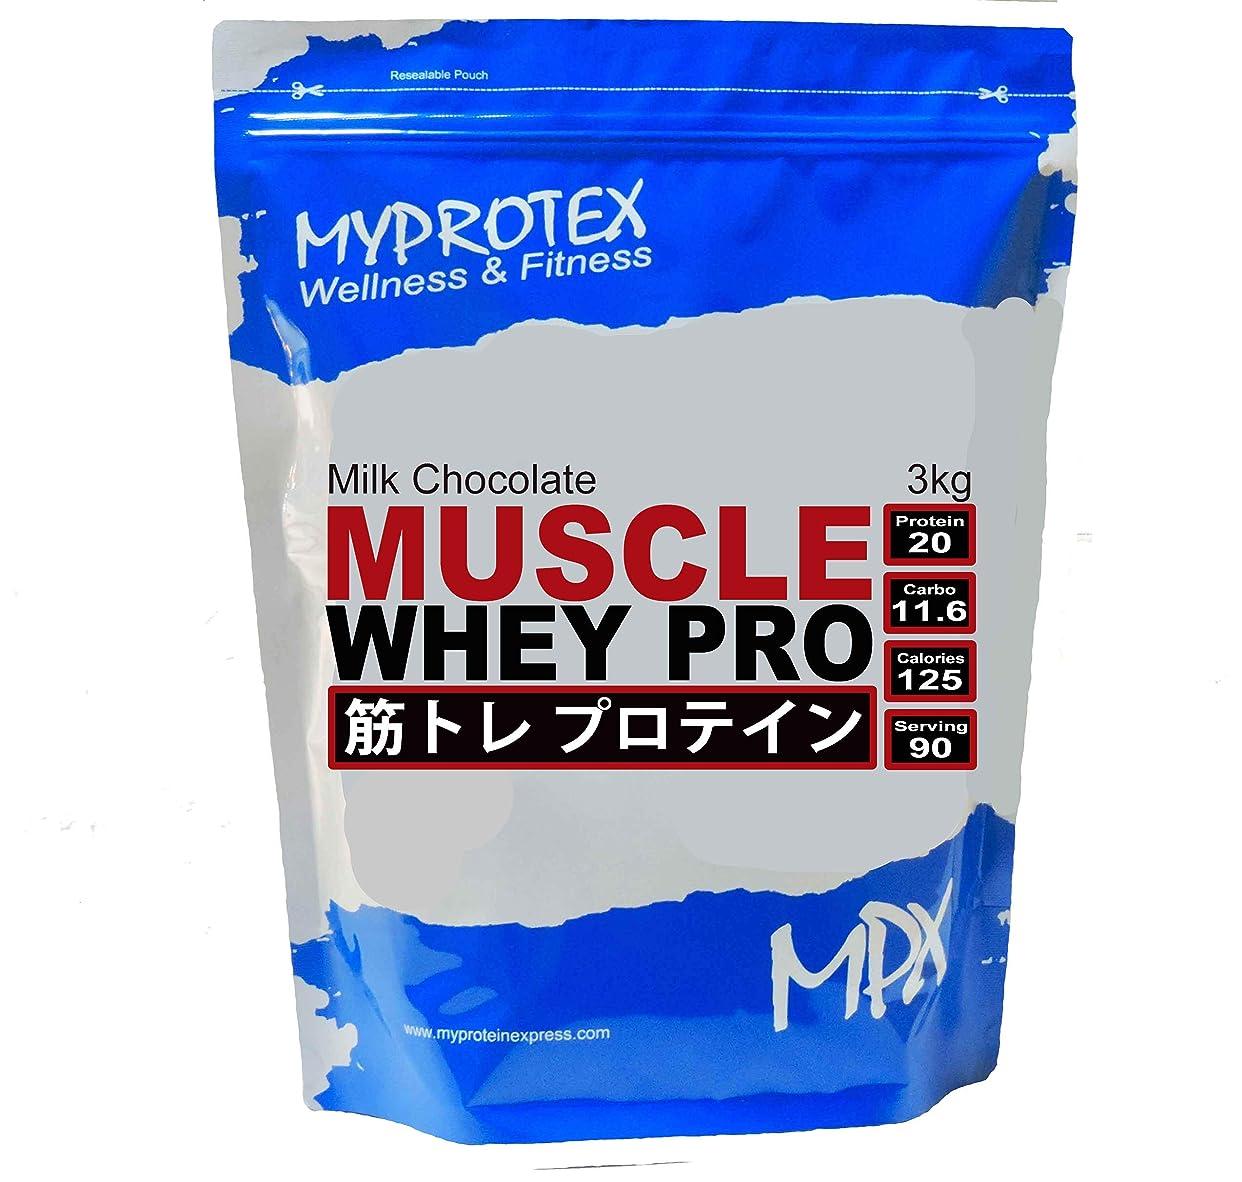 たくさん燃やすフィットMPX マッスル ホエイプロテイン?Muscle Whey Protein マイプロテック ホエイプロテイン ミルクチョコレート味 (3kg)